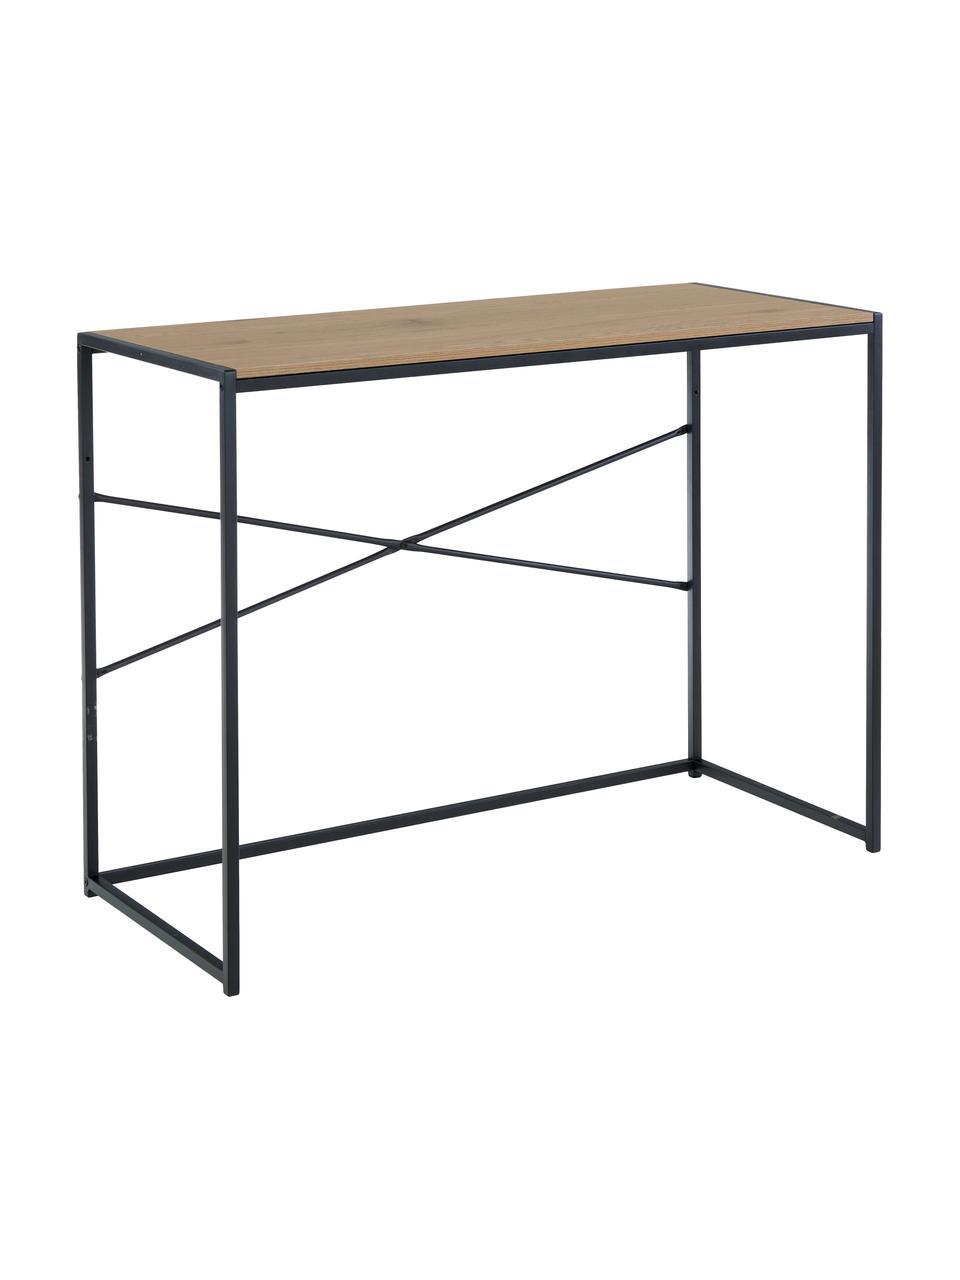 Schmaler Schreibtisch Seaford aus Holz und Metall, Tischplatte: Mitteldichte Holzfaserpla, Gestell: Metall, pulverbeschichtet, Schwarz, Wildeichenholz, B 100 x T 45 cm